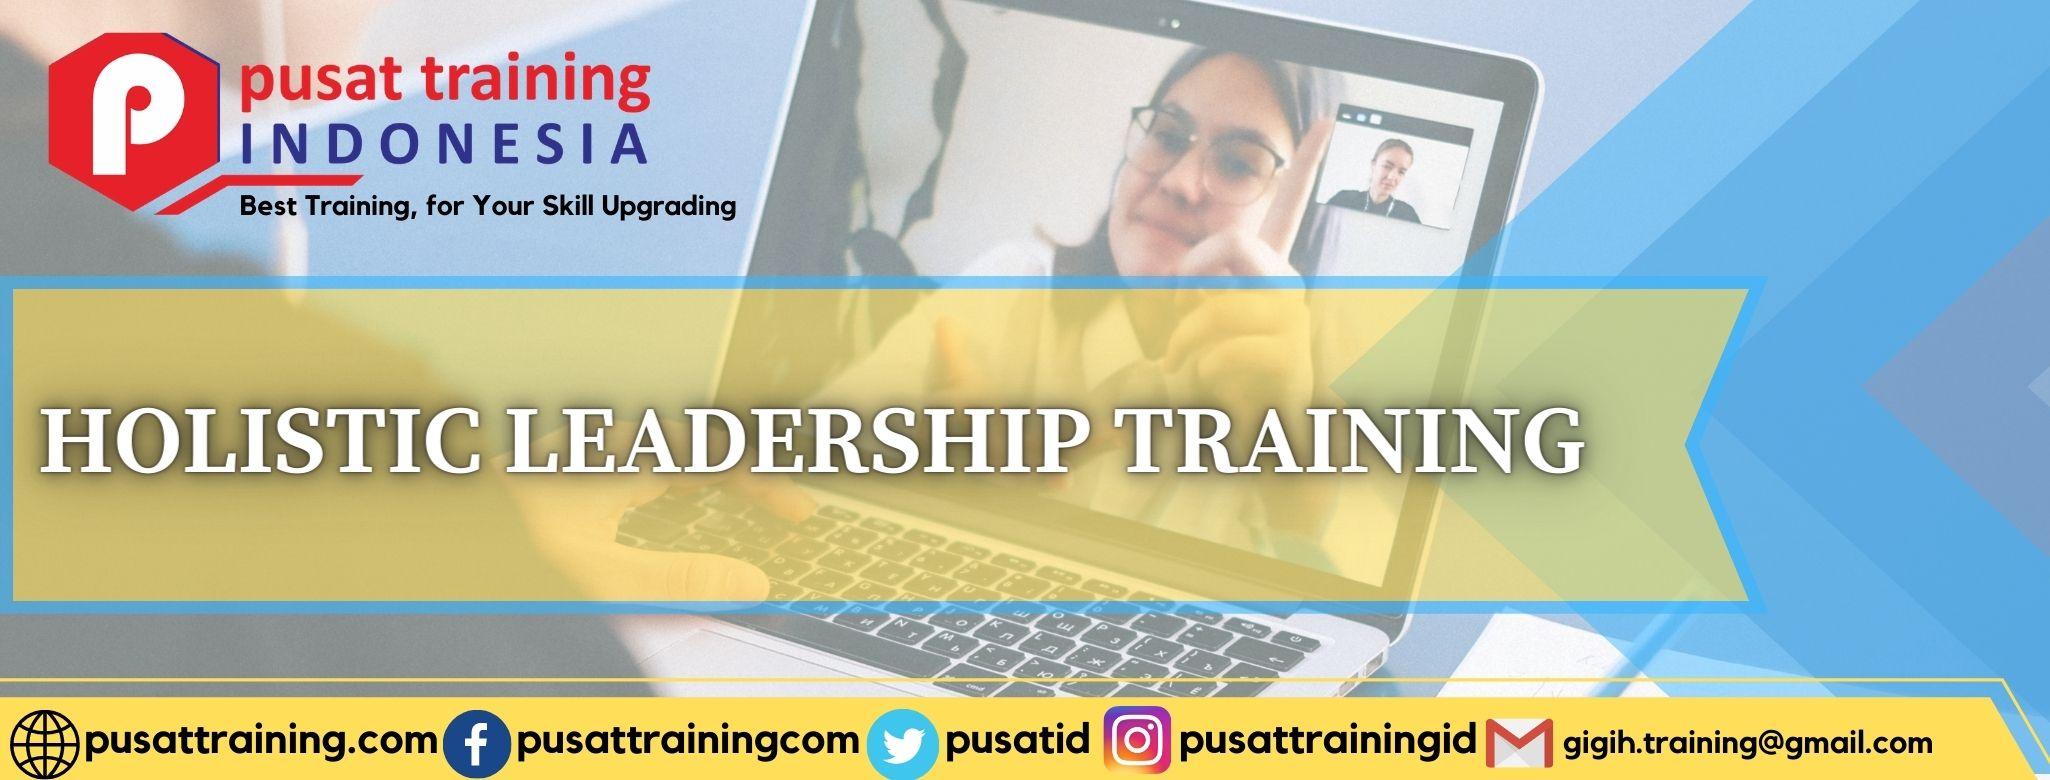 holistic-leadership-training